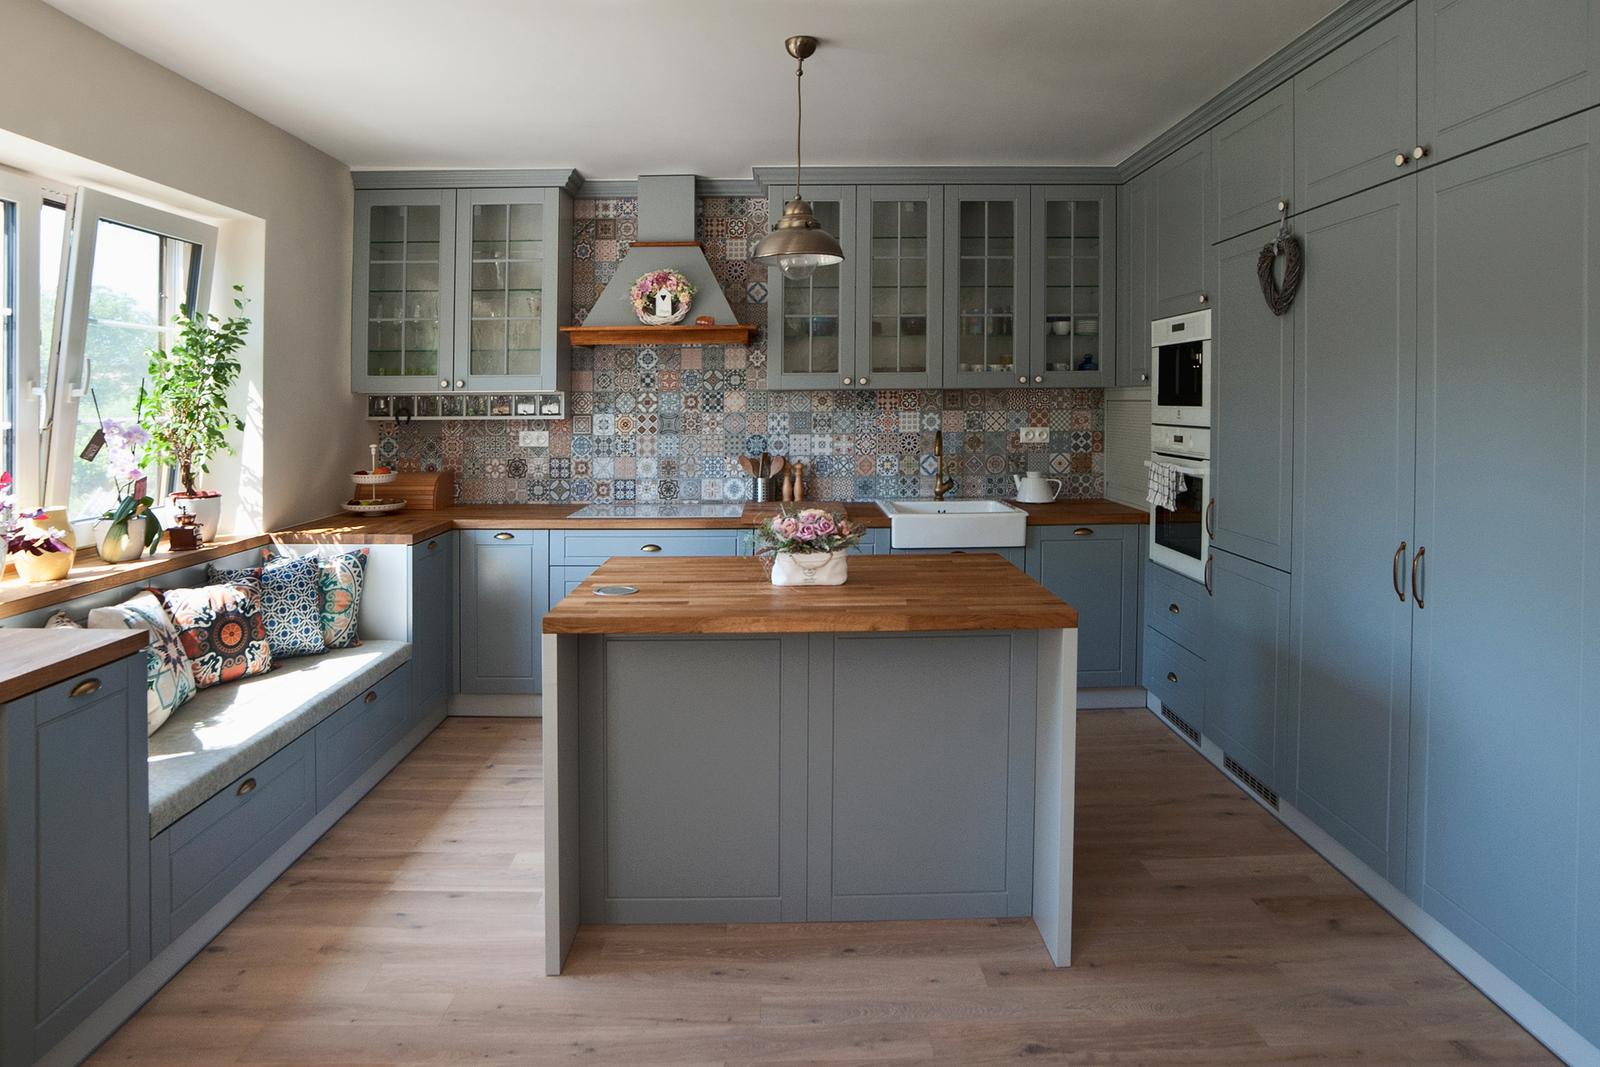 Kuchyňa vo vidieckom štýle - Obrázok č. 5